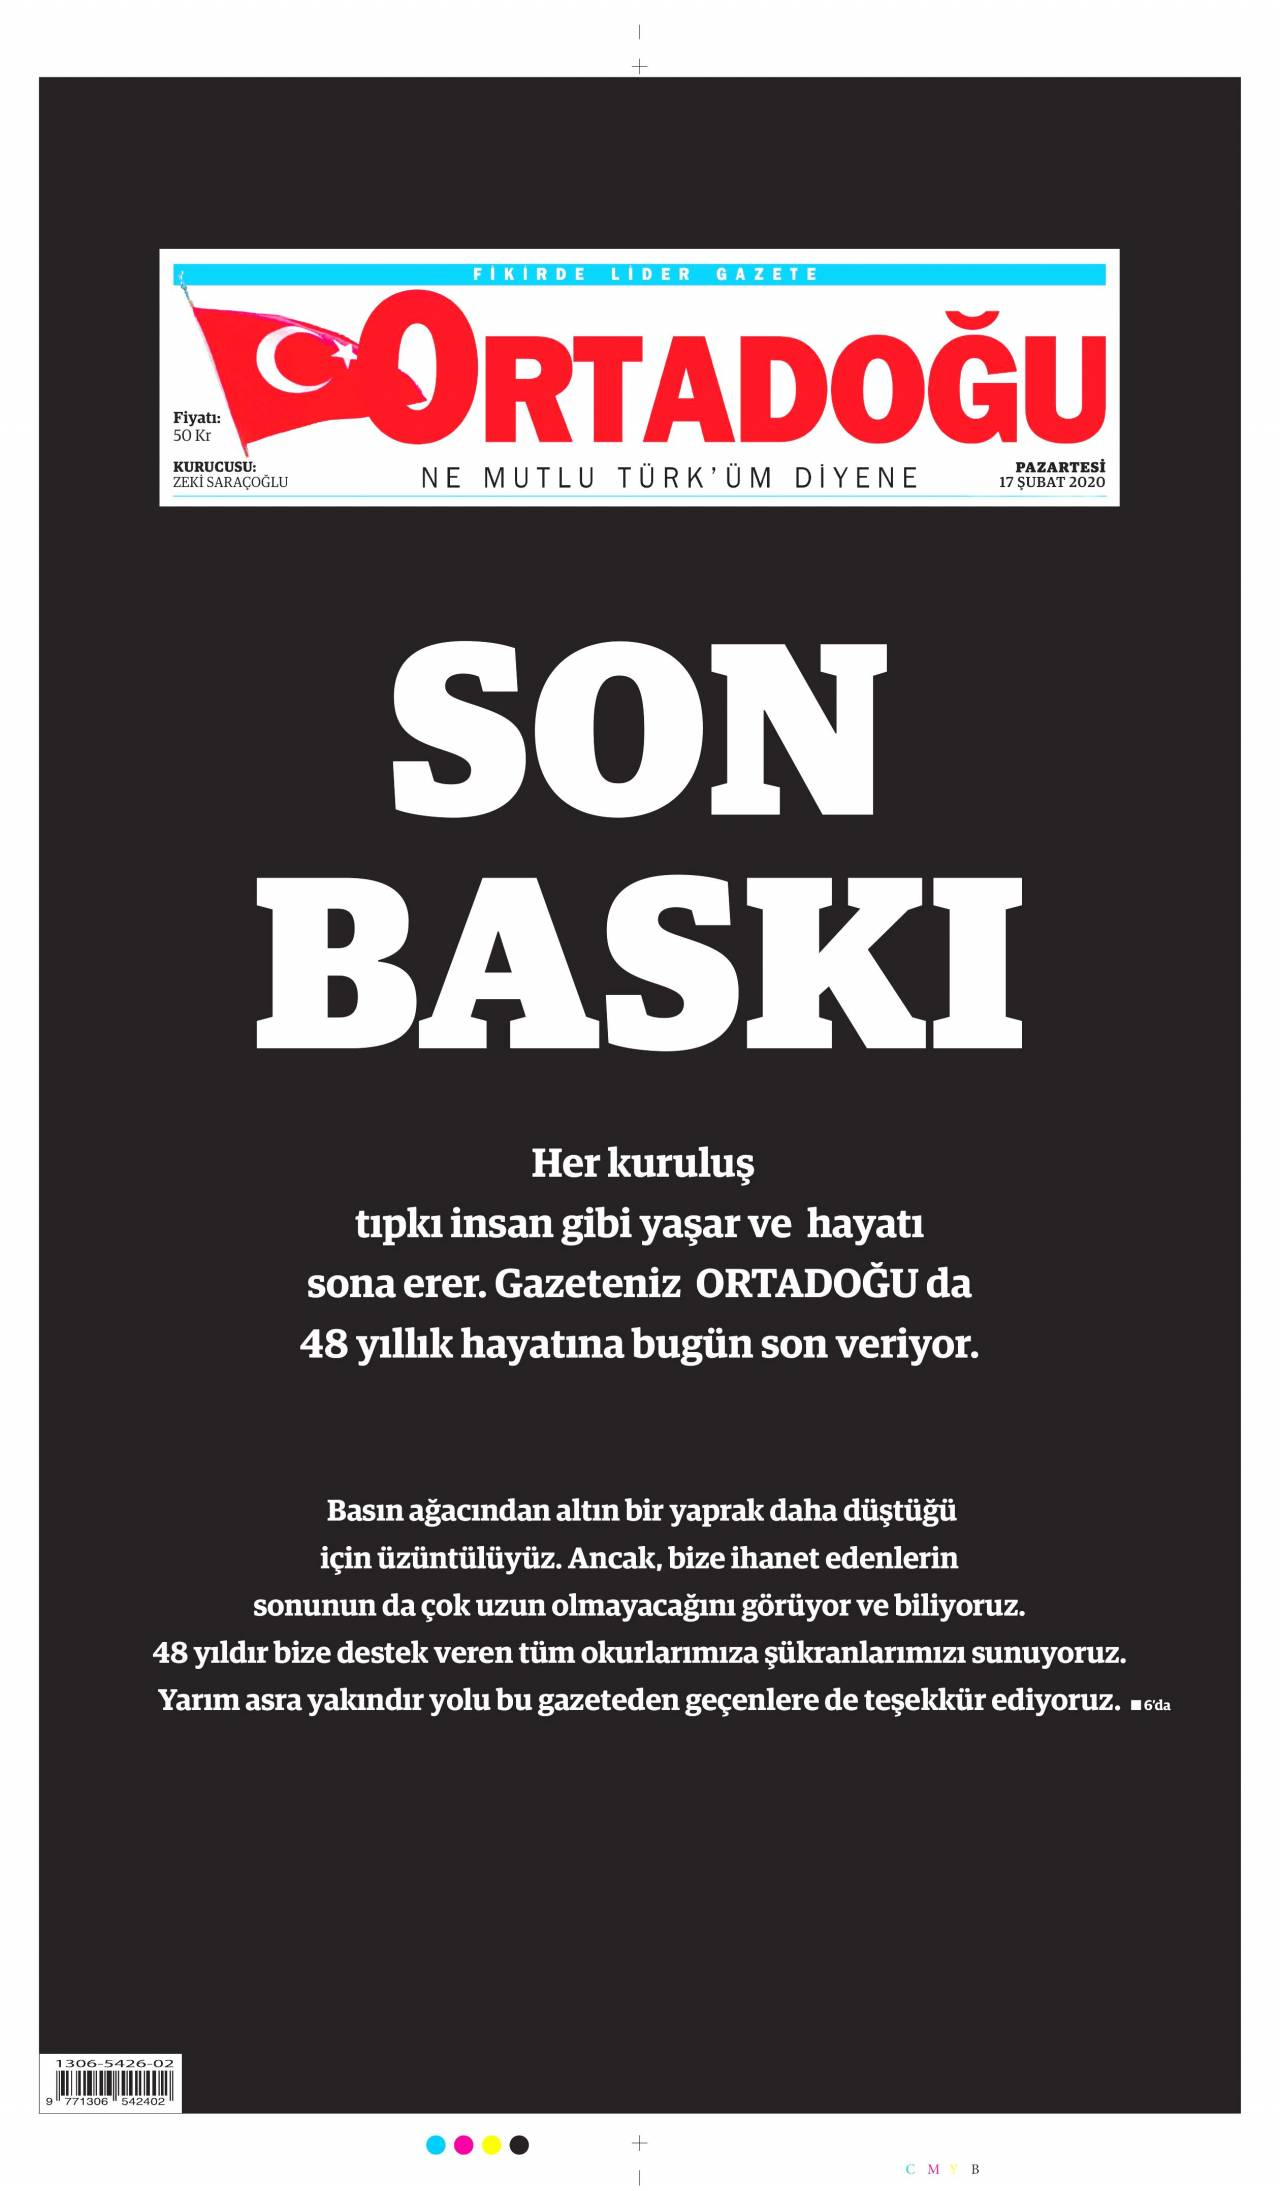 23.10.2017 tarihli Ortadoğu gazetesinin 1. sayfası